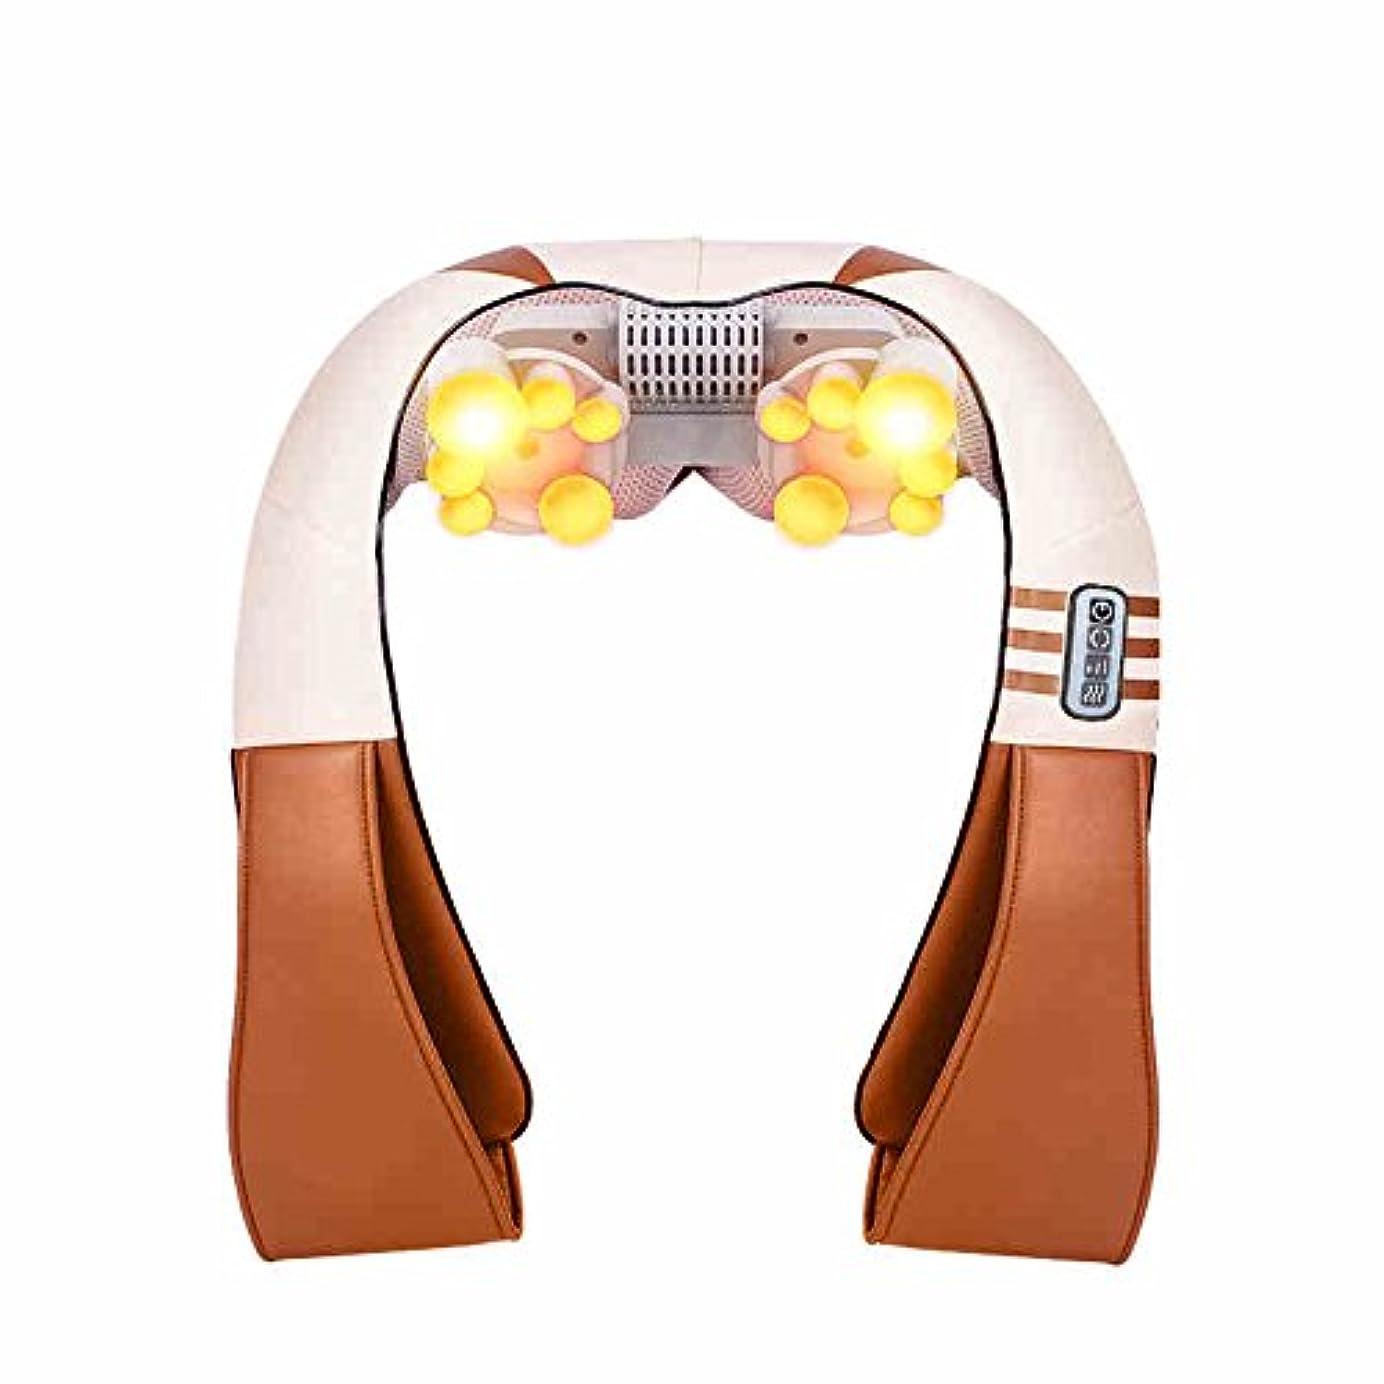 アカデミックの量叫び声HAIZHEN マッサージチェア フルボディマッサージ器の電気運動振動指圧の混乱指圧リウマチの痛みを和らげる頭の血液循環を促進する